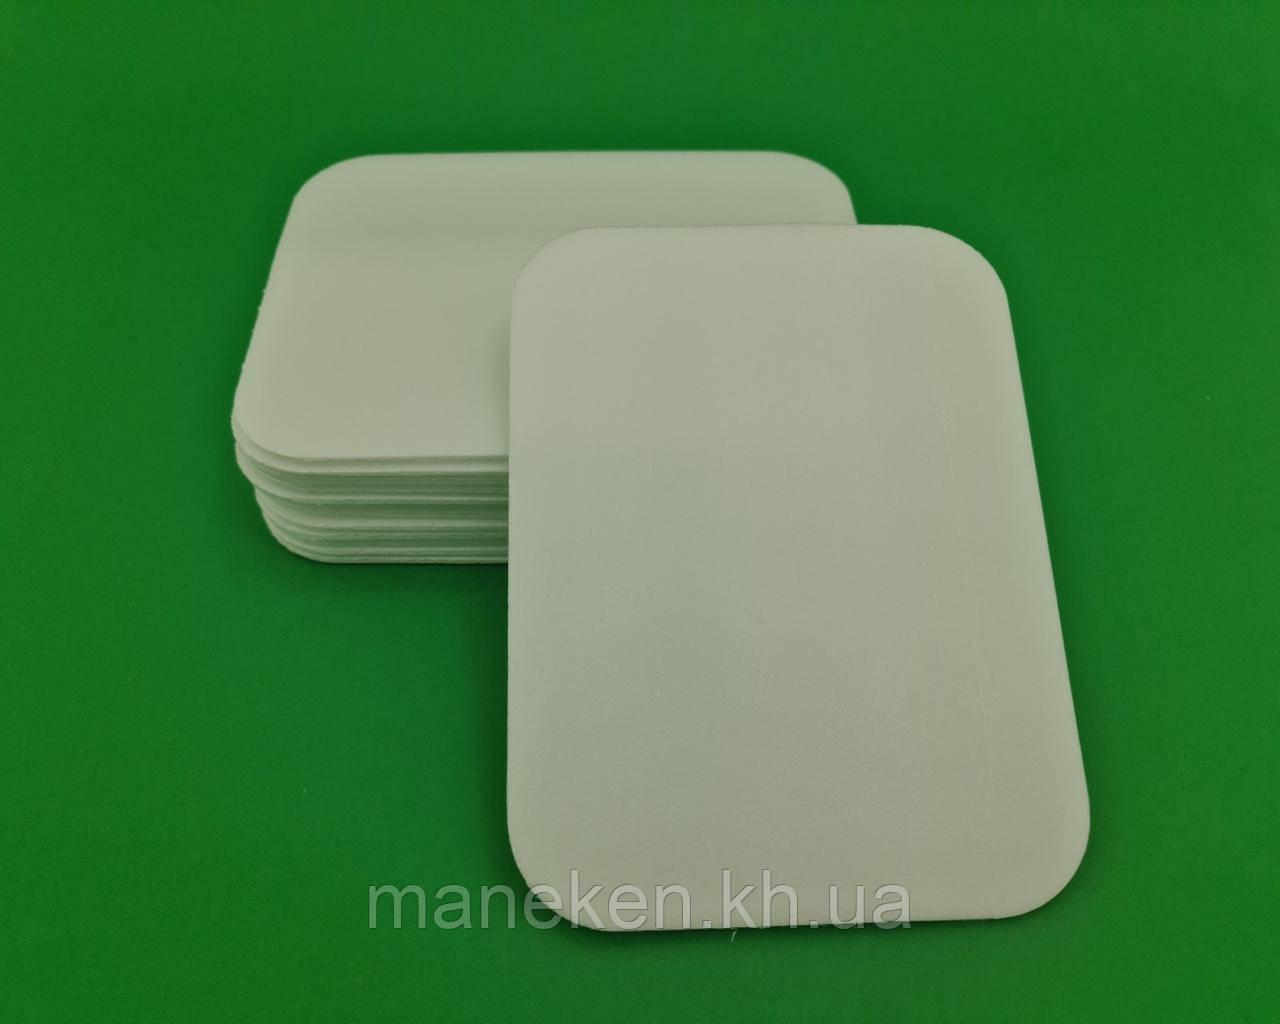 Підкладка (лотки) зі спіненого полістиролу (178*133*П) Т-4-П плоский (500 шт)